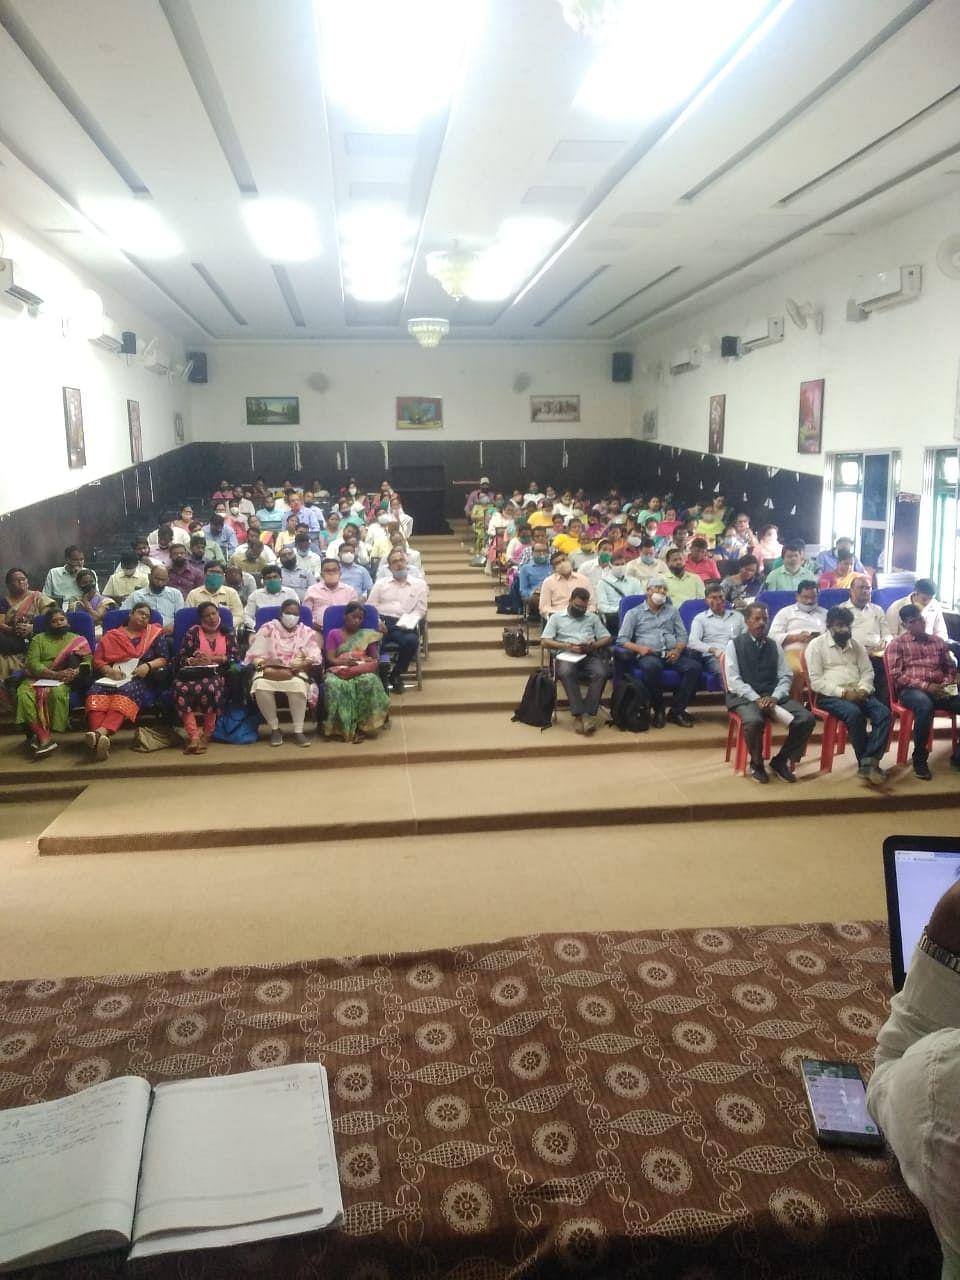 नयी राष्ट्रीय शिक्षा नीति में भारतीयता का समग्र बोध: डाॅ  सुबास साहू